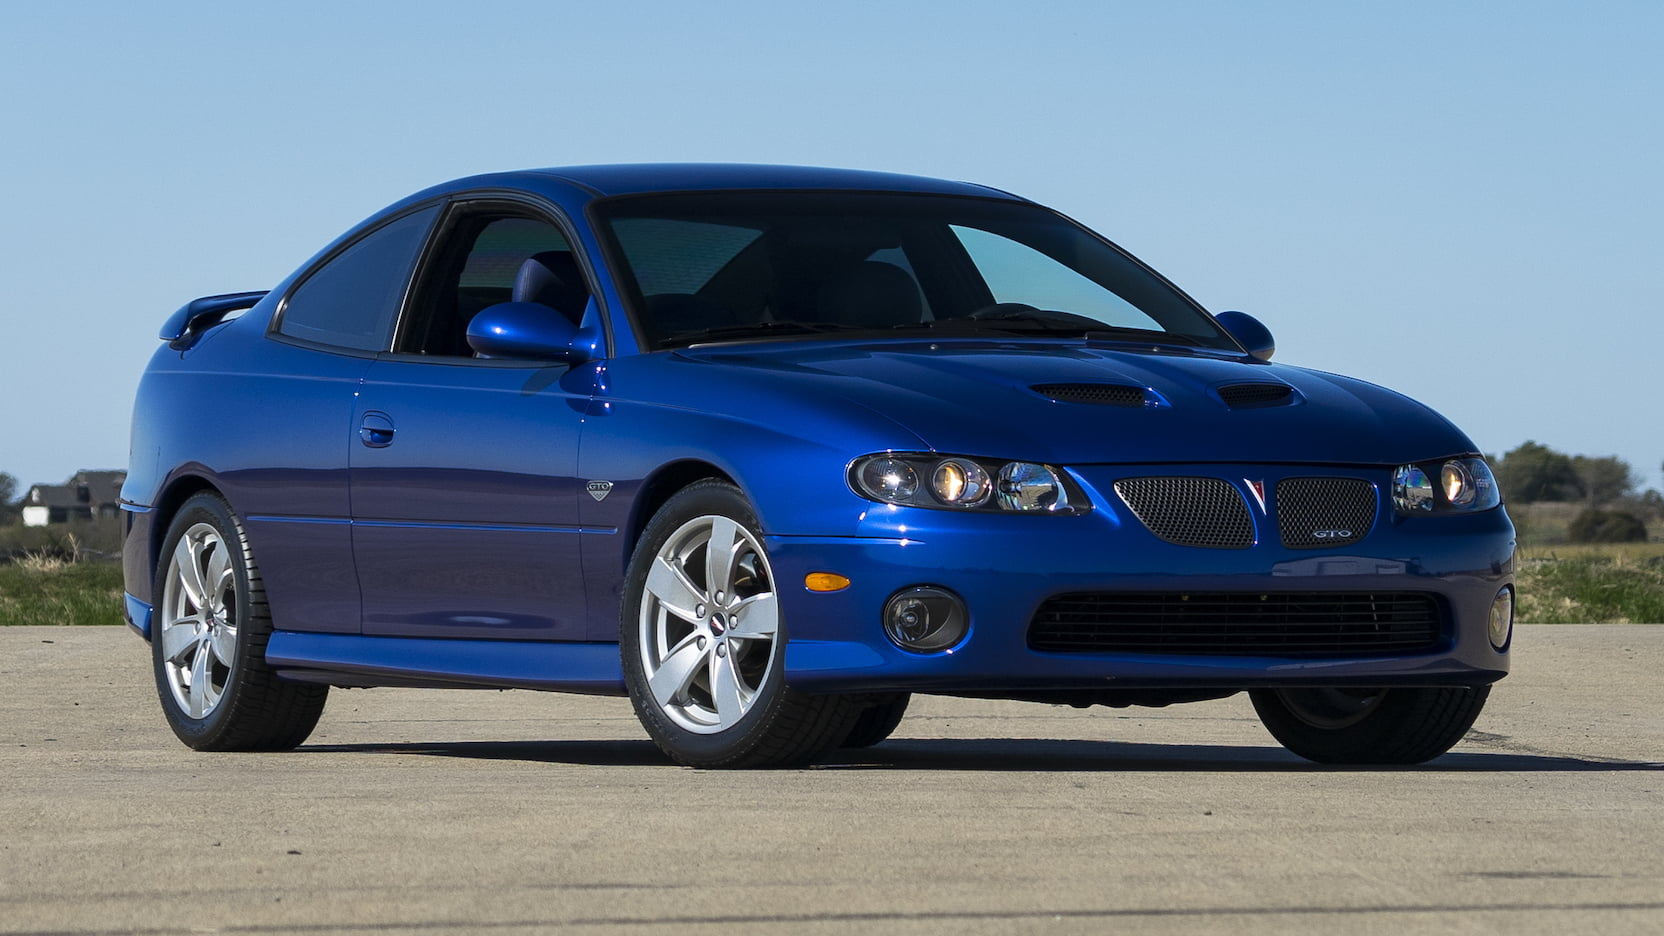 2005 Pontiac GTO blue